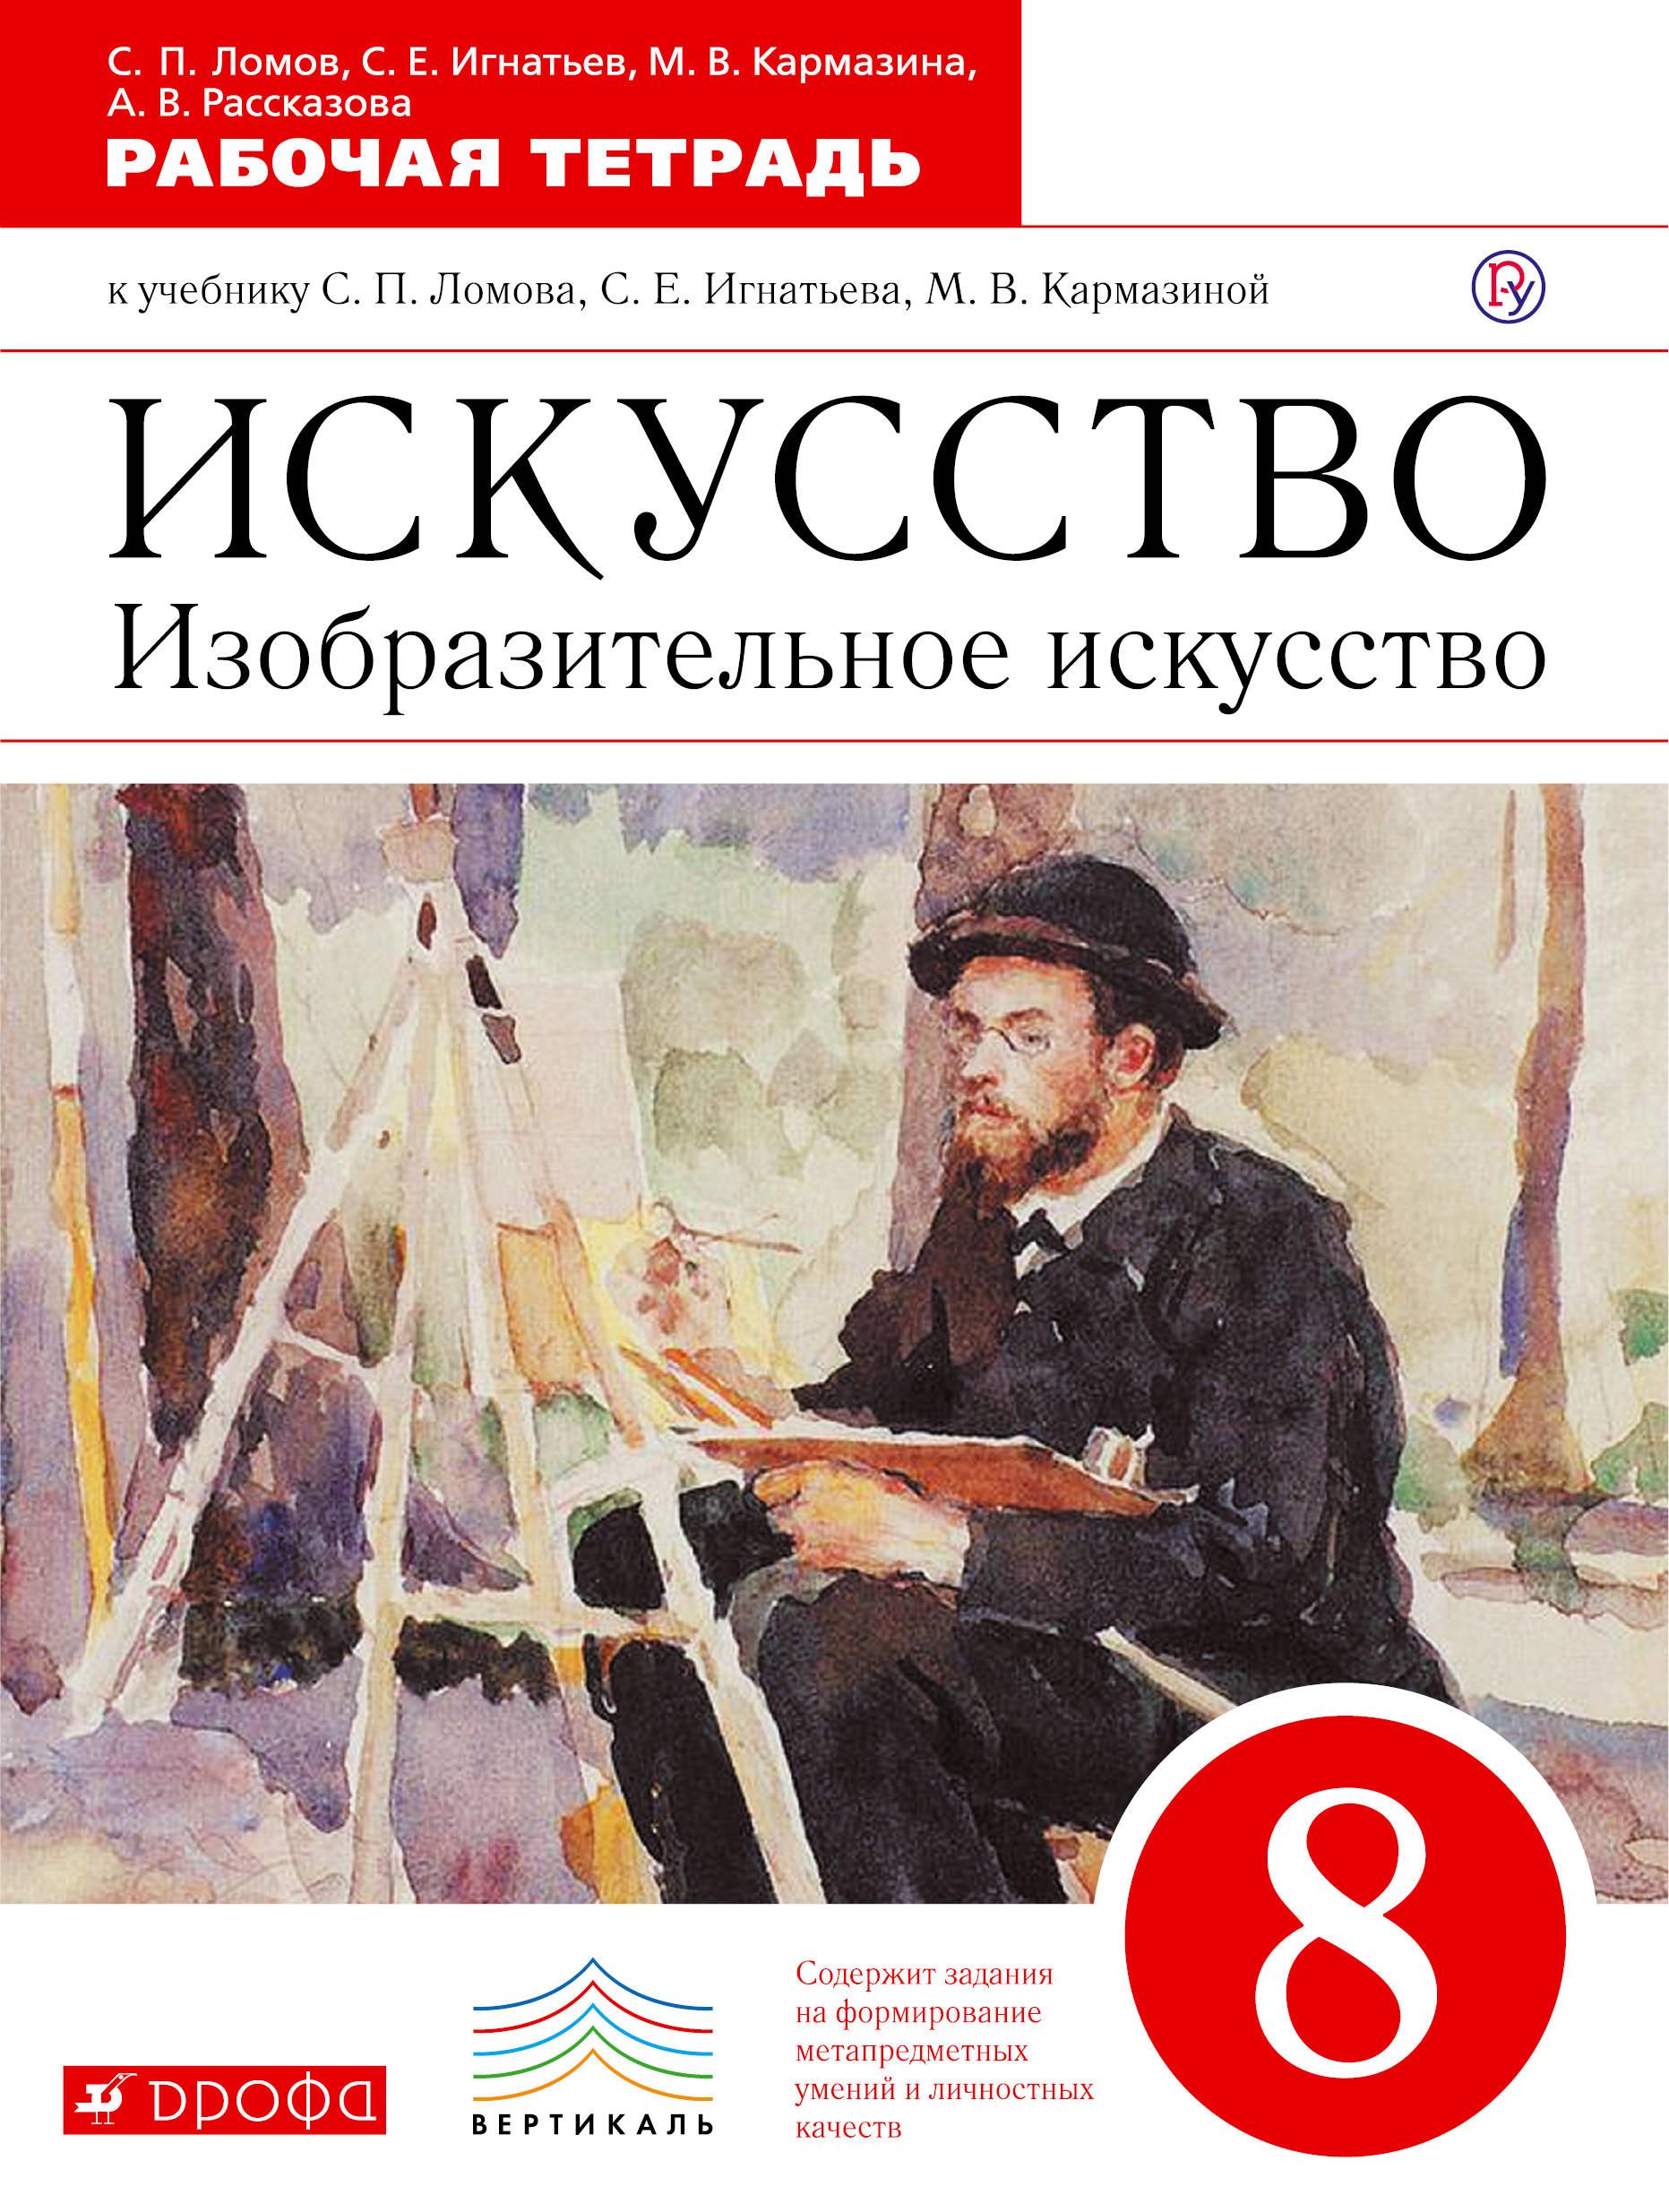 Искусство. Изобразительное искусство. 8 класс. Рабочая тетрадь. ( Ломов С.П., Игнатьев С.В., Кармазина М.В., Рассказова А.В.  )